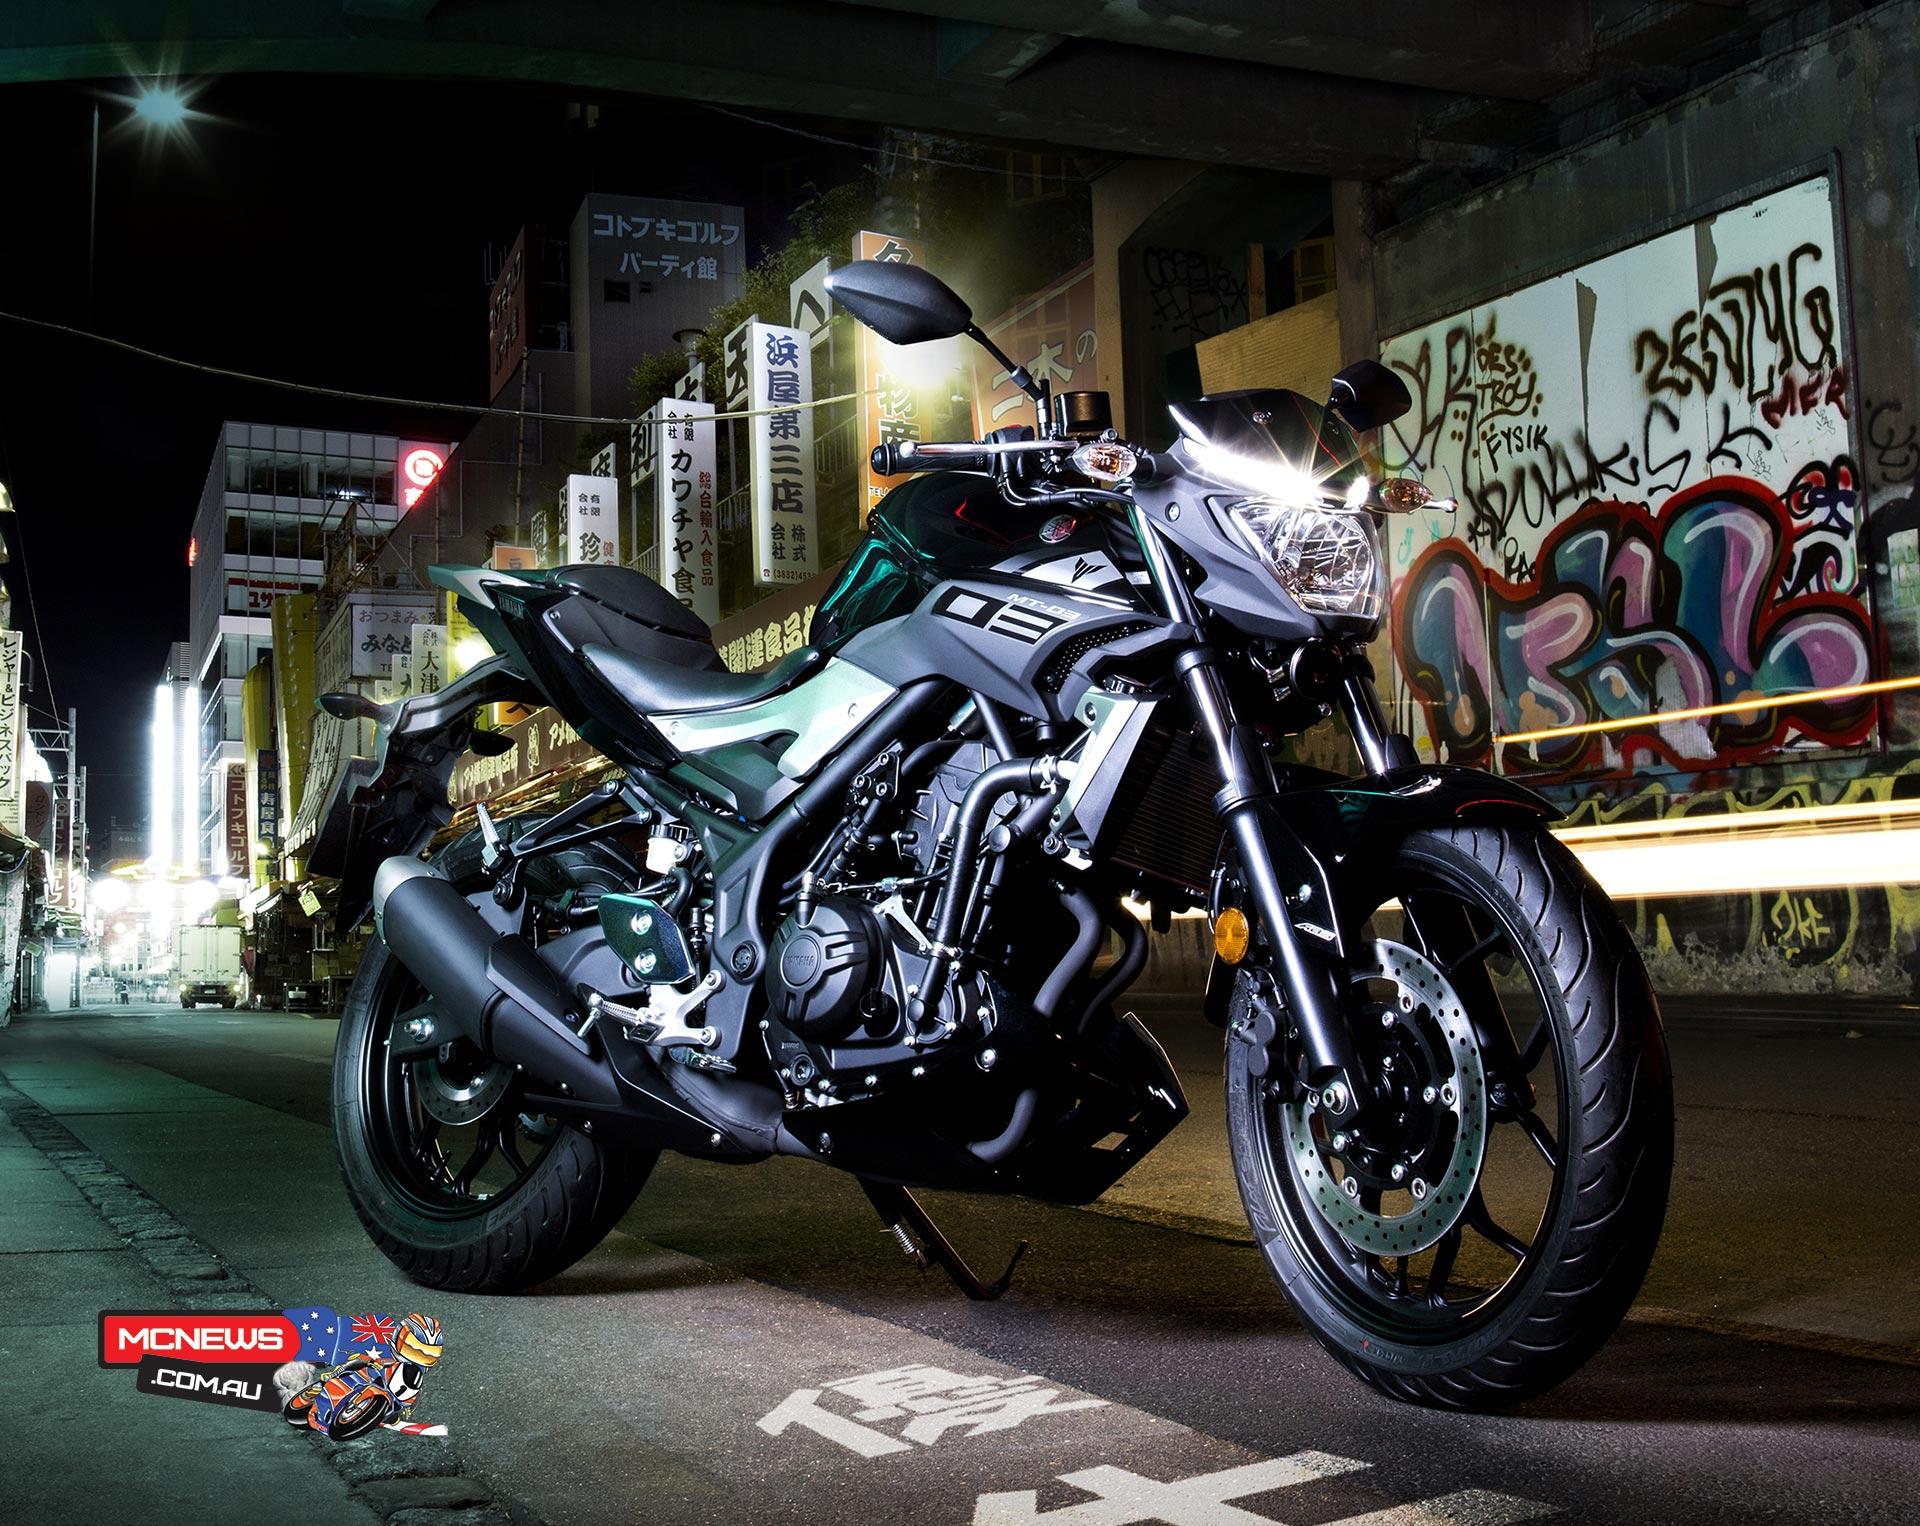 Yamaha mt 03 the yzf r3 gets naked for Yamaha mt 03